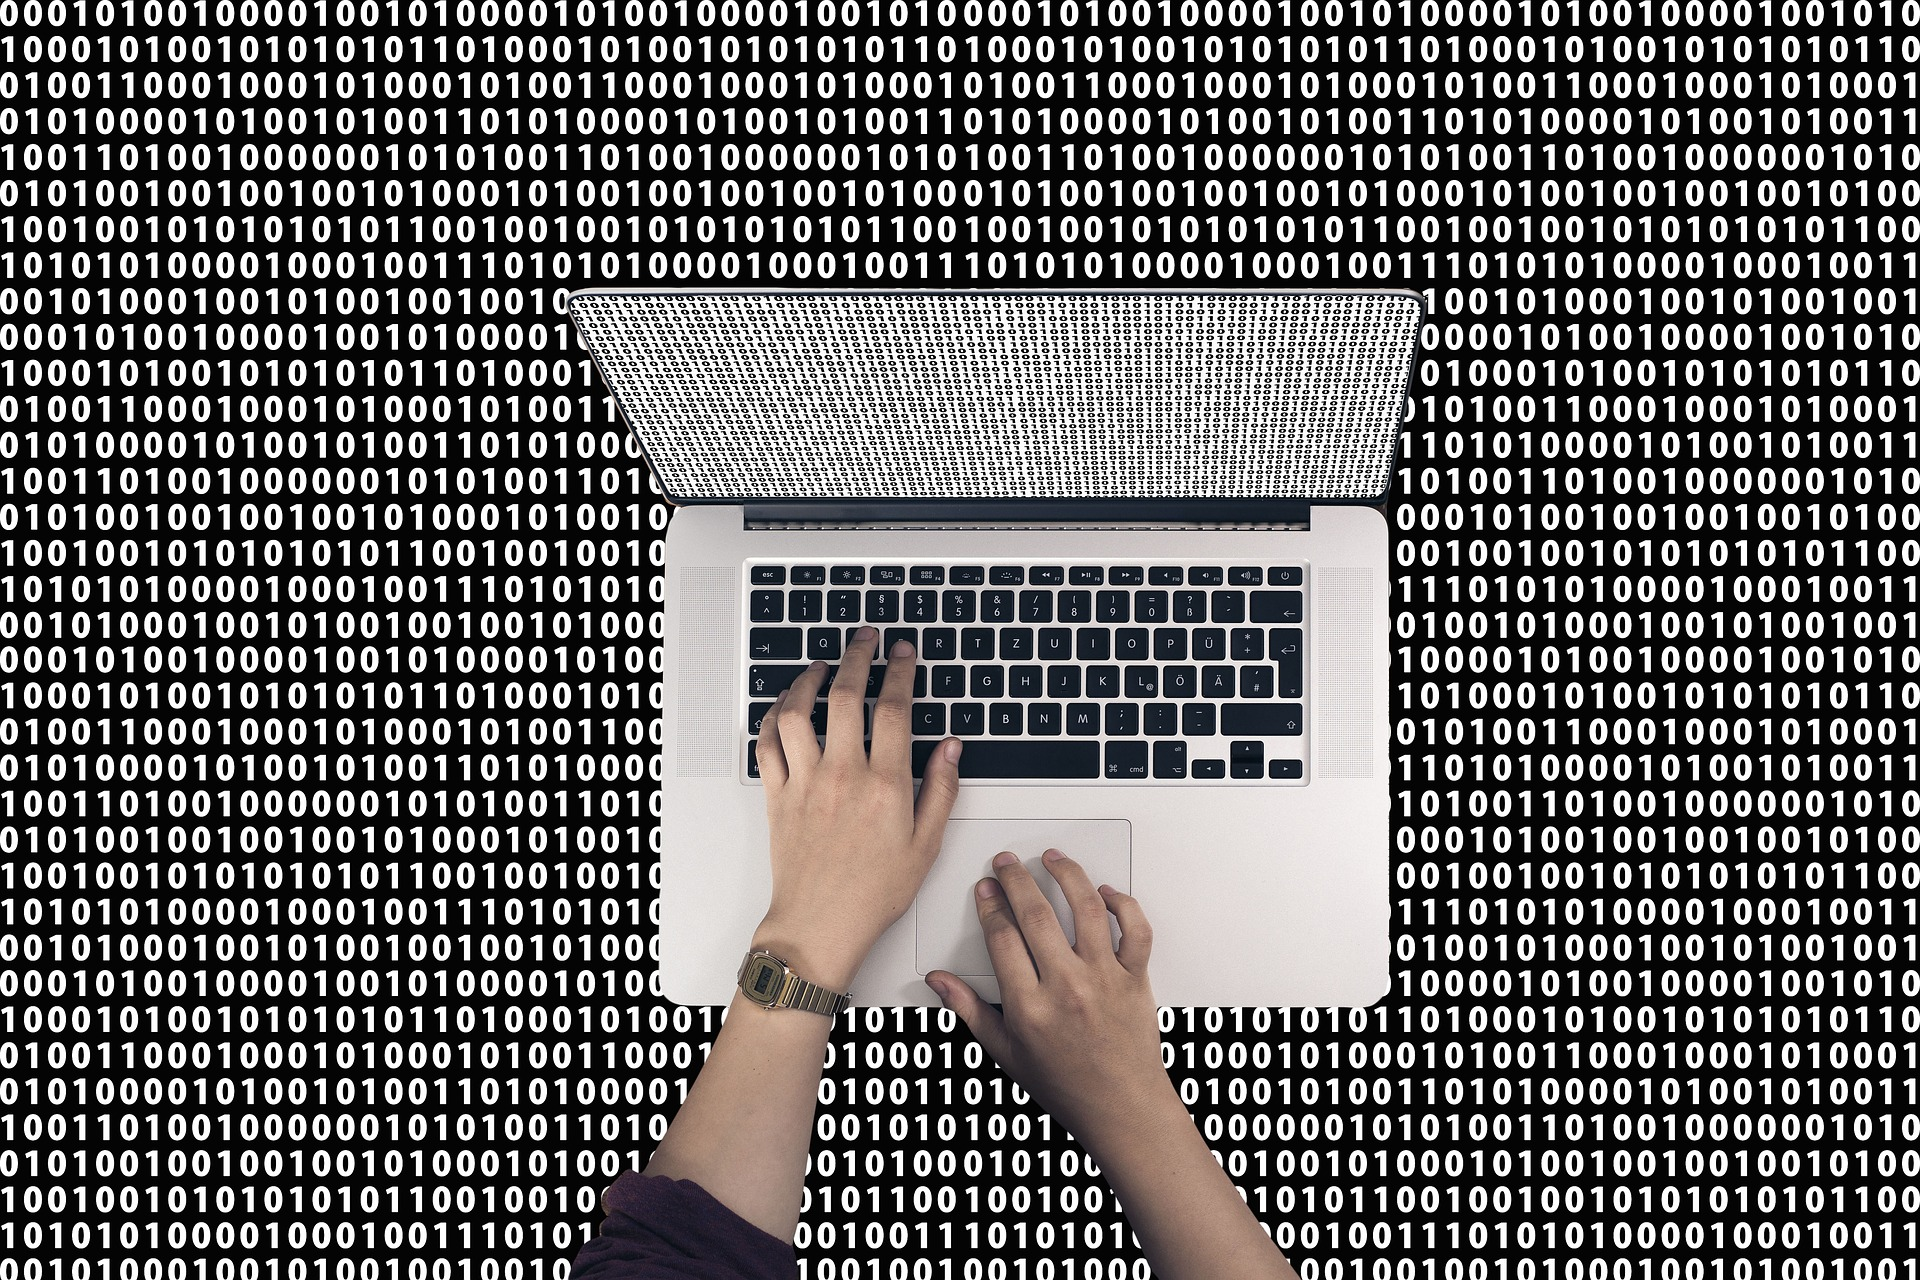 Demanda de expertos en ciberseguridad va en aumento